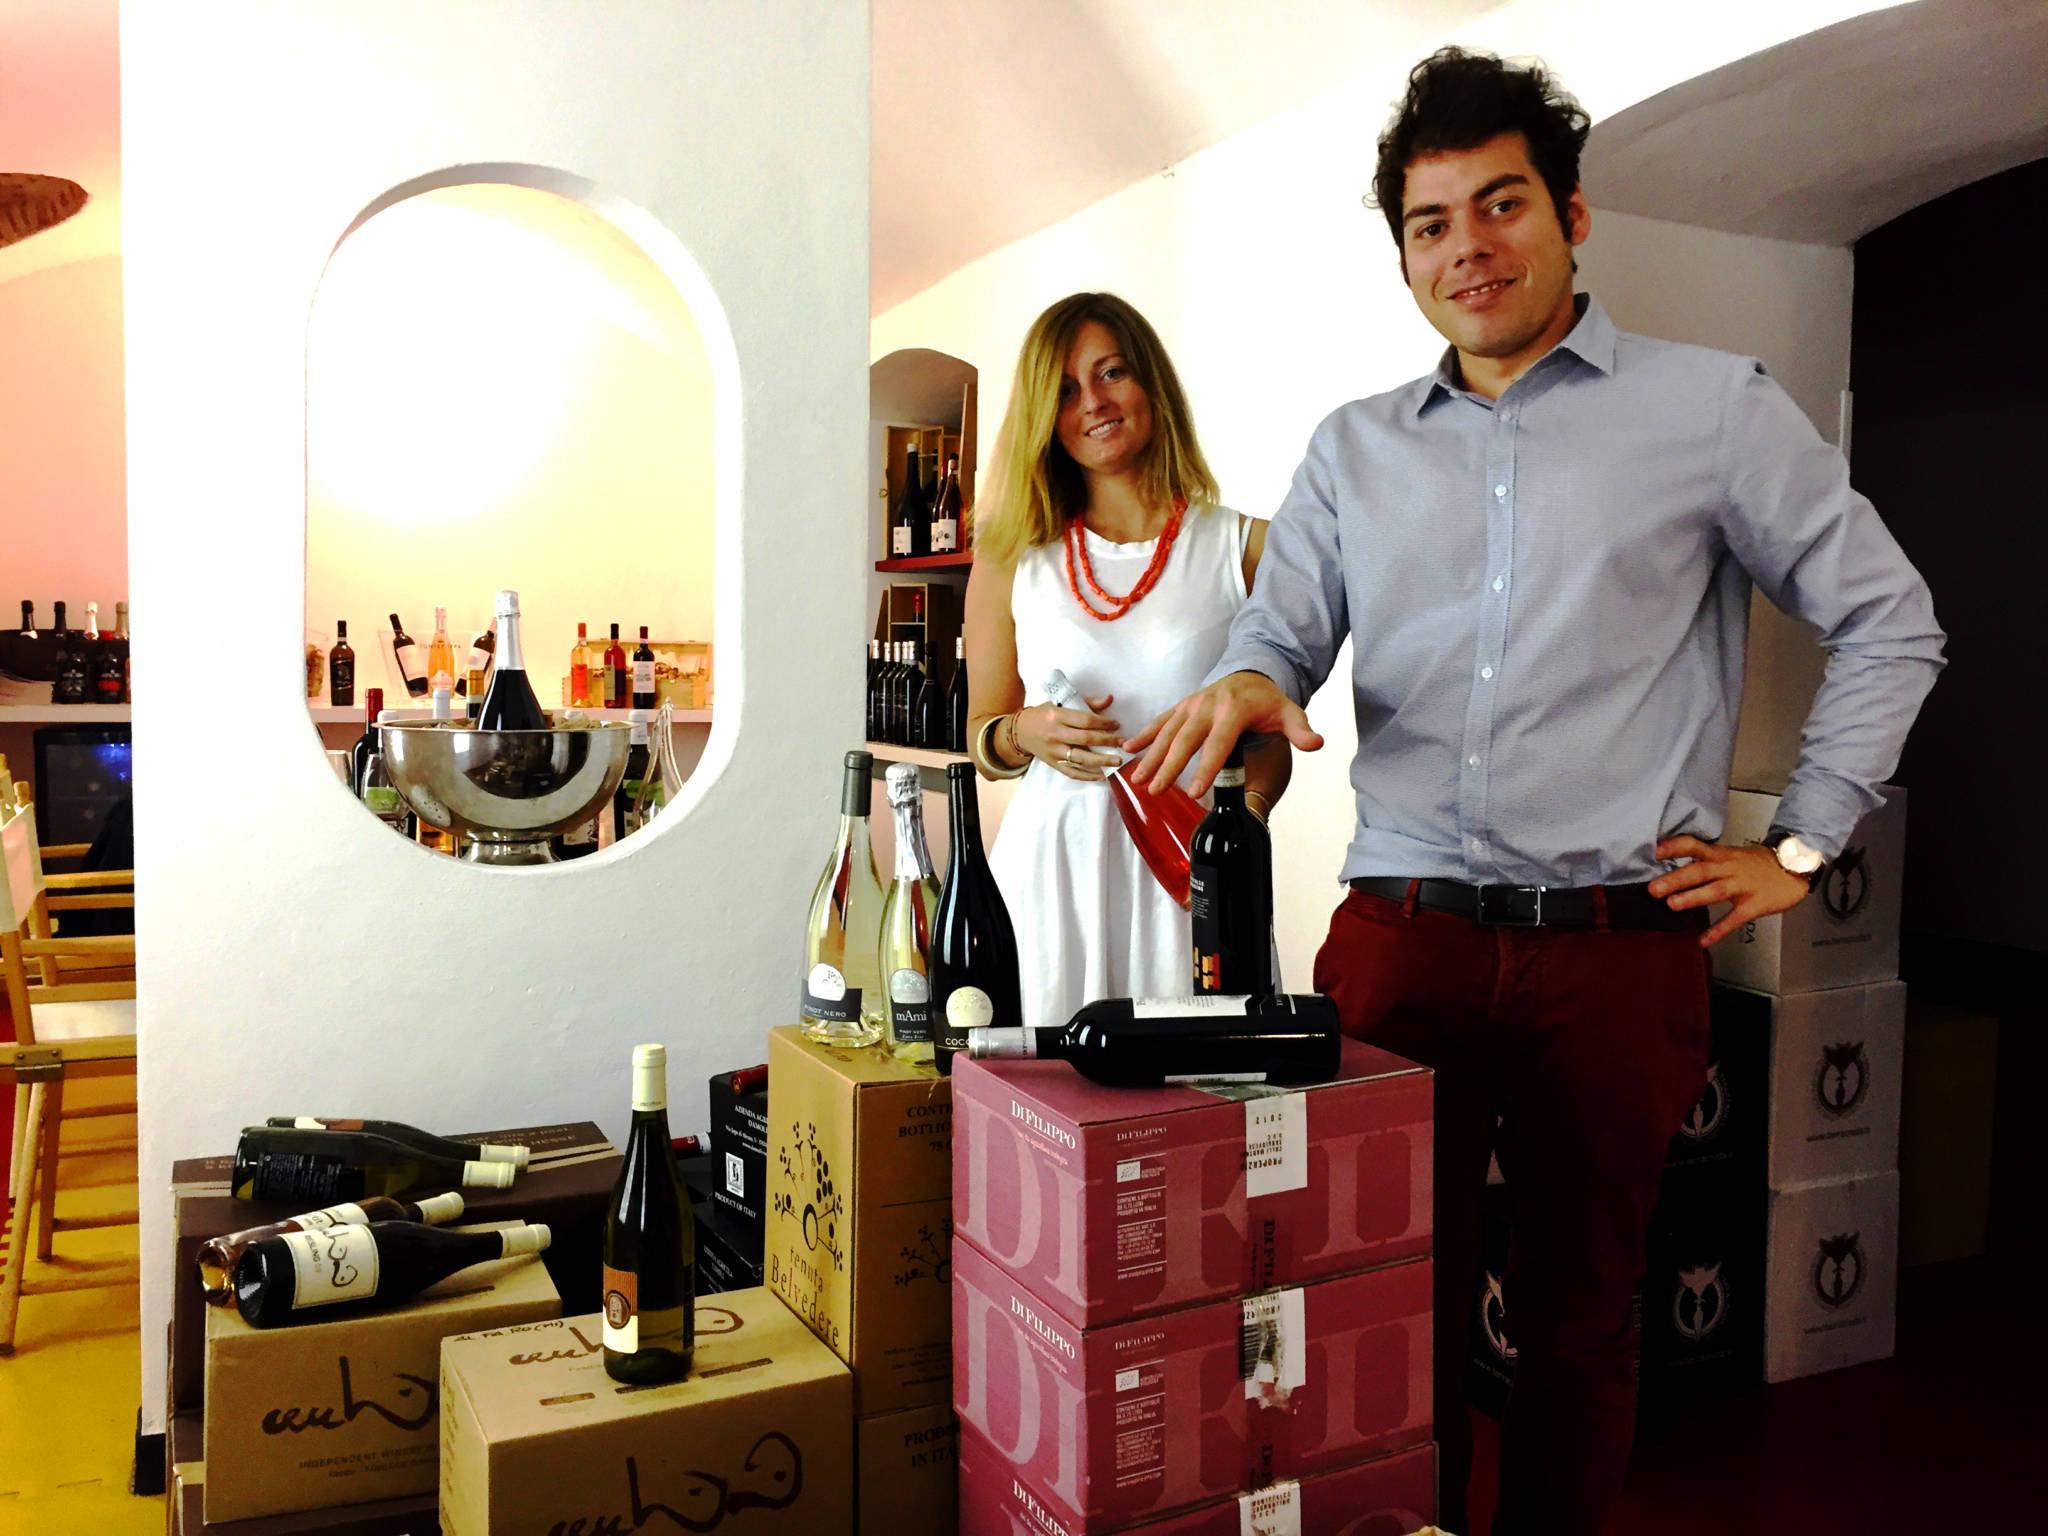 Questa startup italiana vi porta birra e vino a casa. Come funziona Winelivery